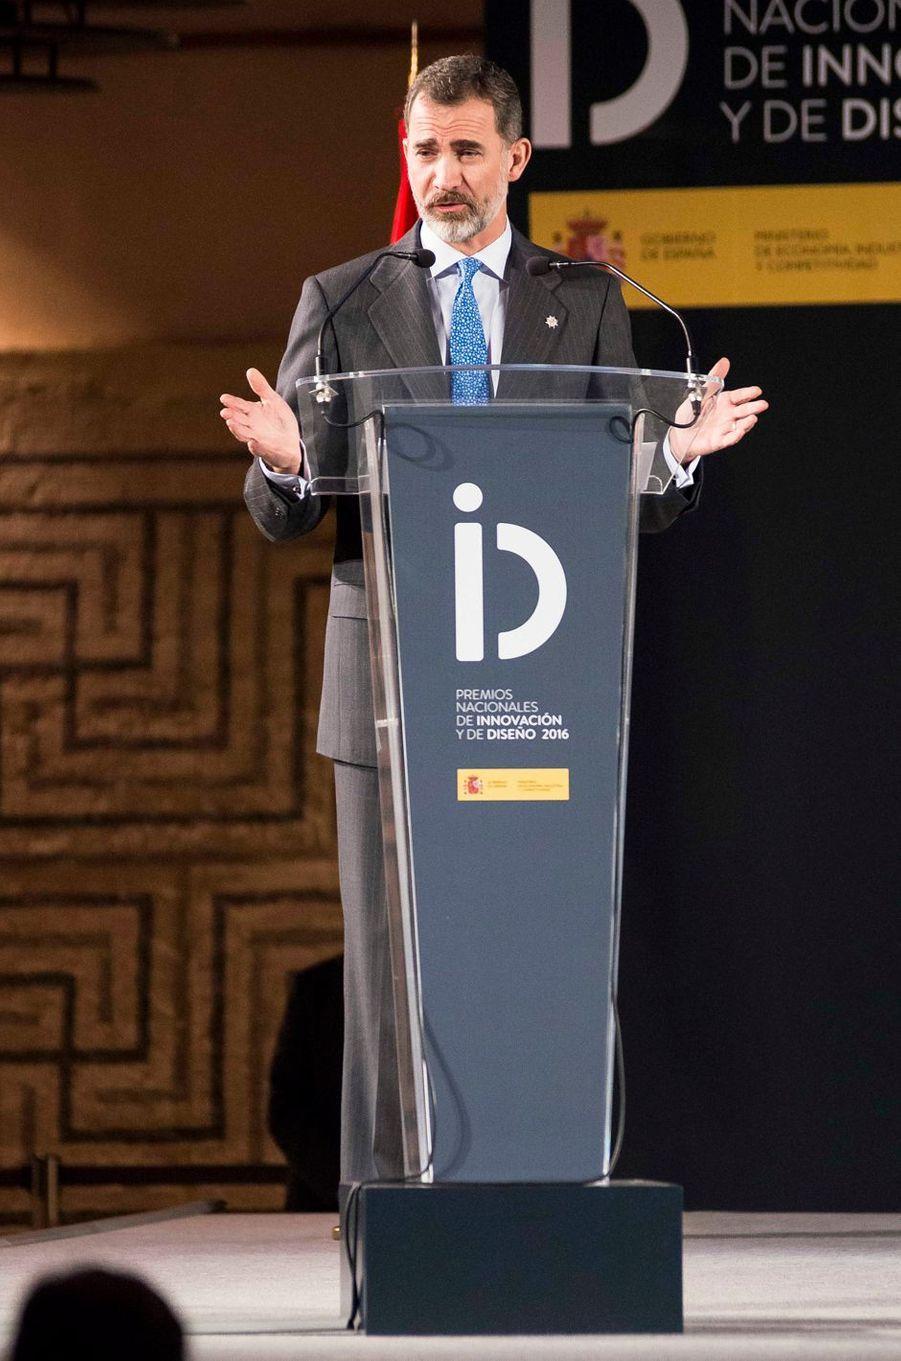 Le roi Felipe VI d'Espagne à Alcalá de Henares, le 6 février 2017